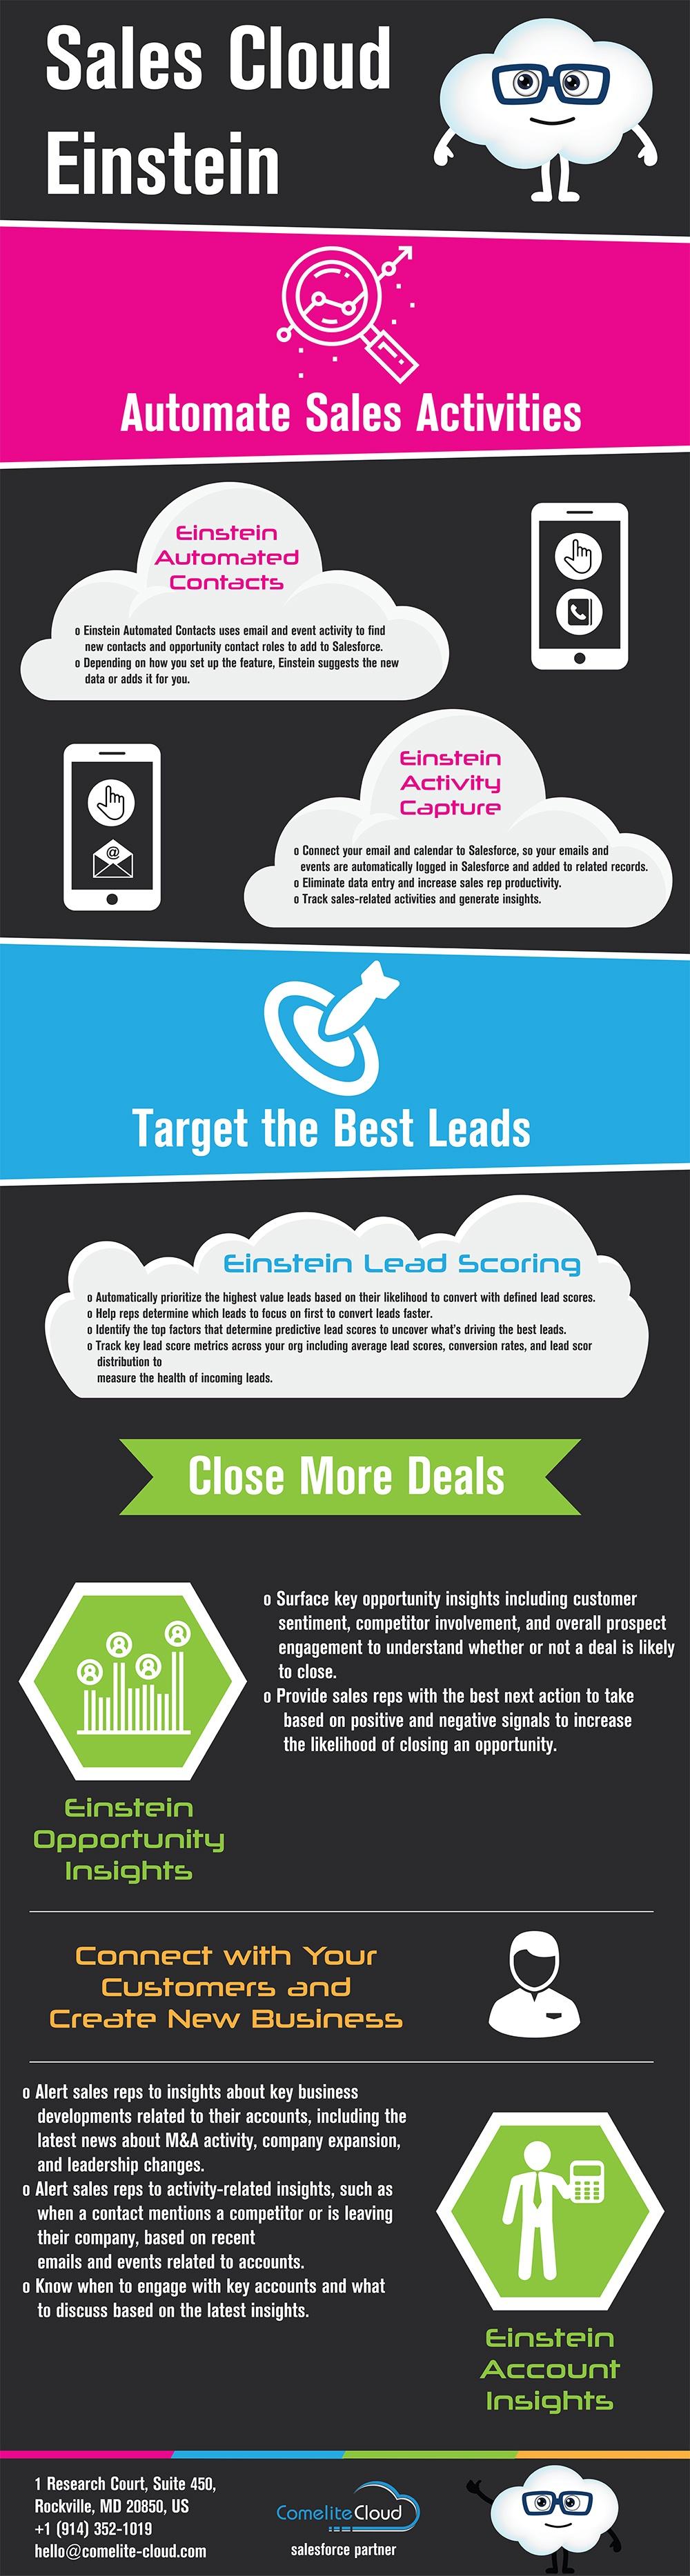 How Salesforce Einstein Can Improve Sales?